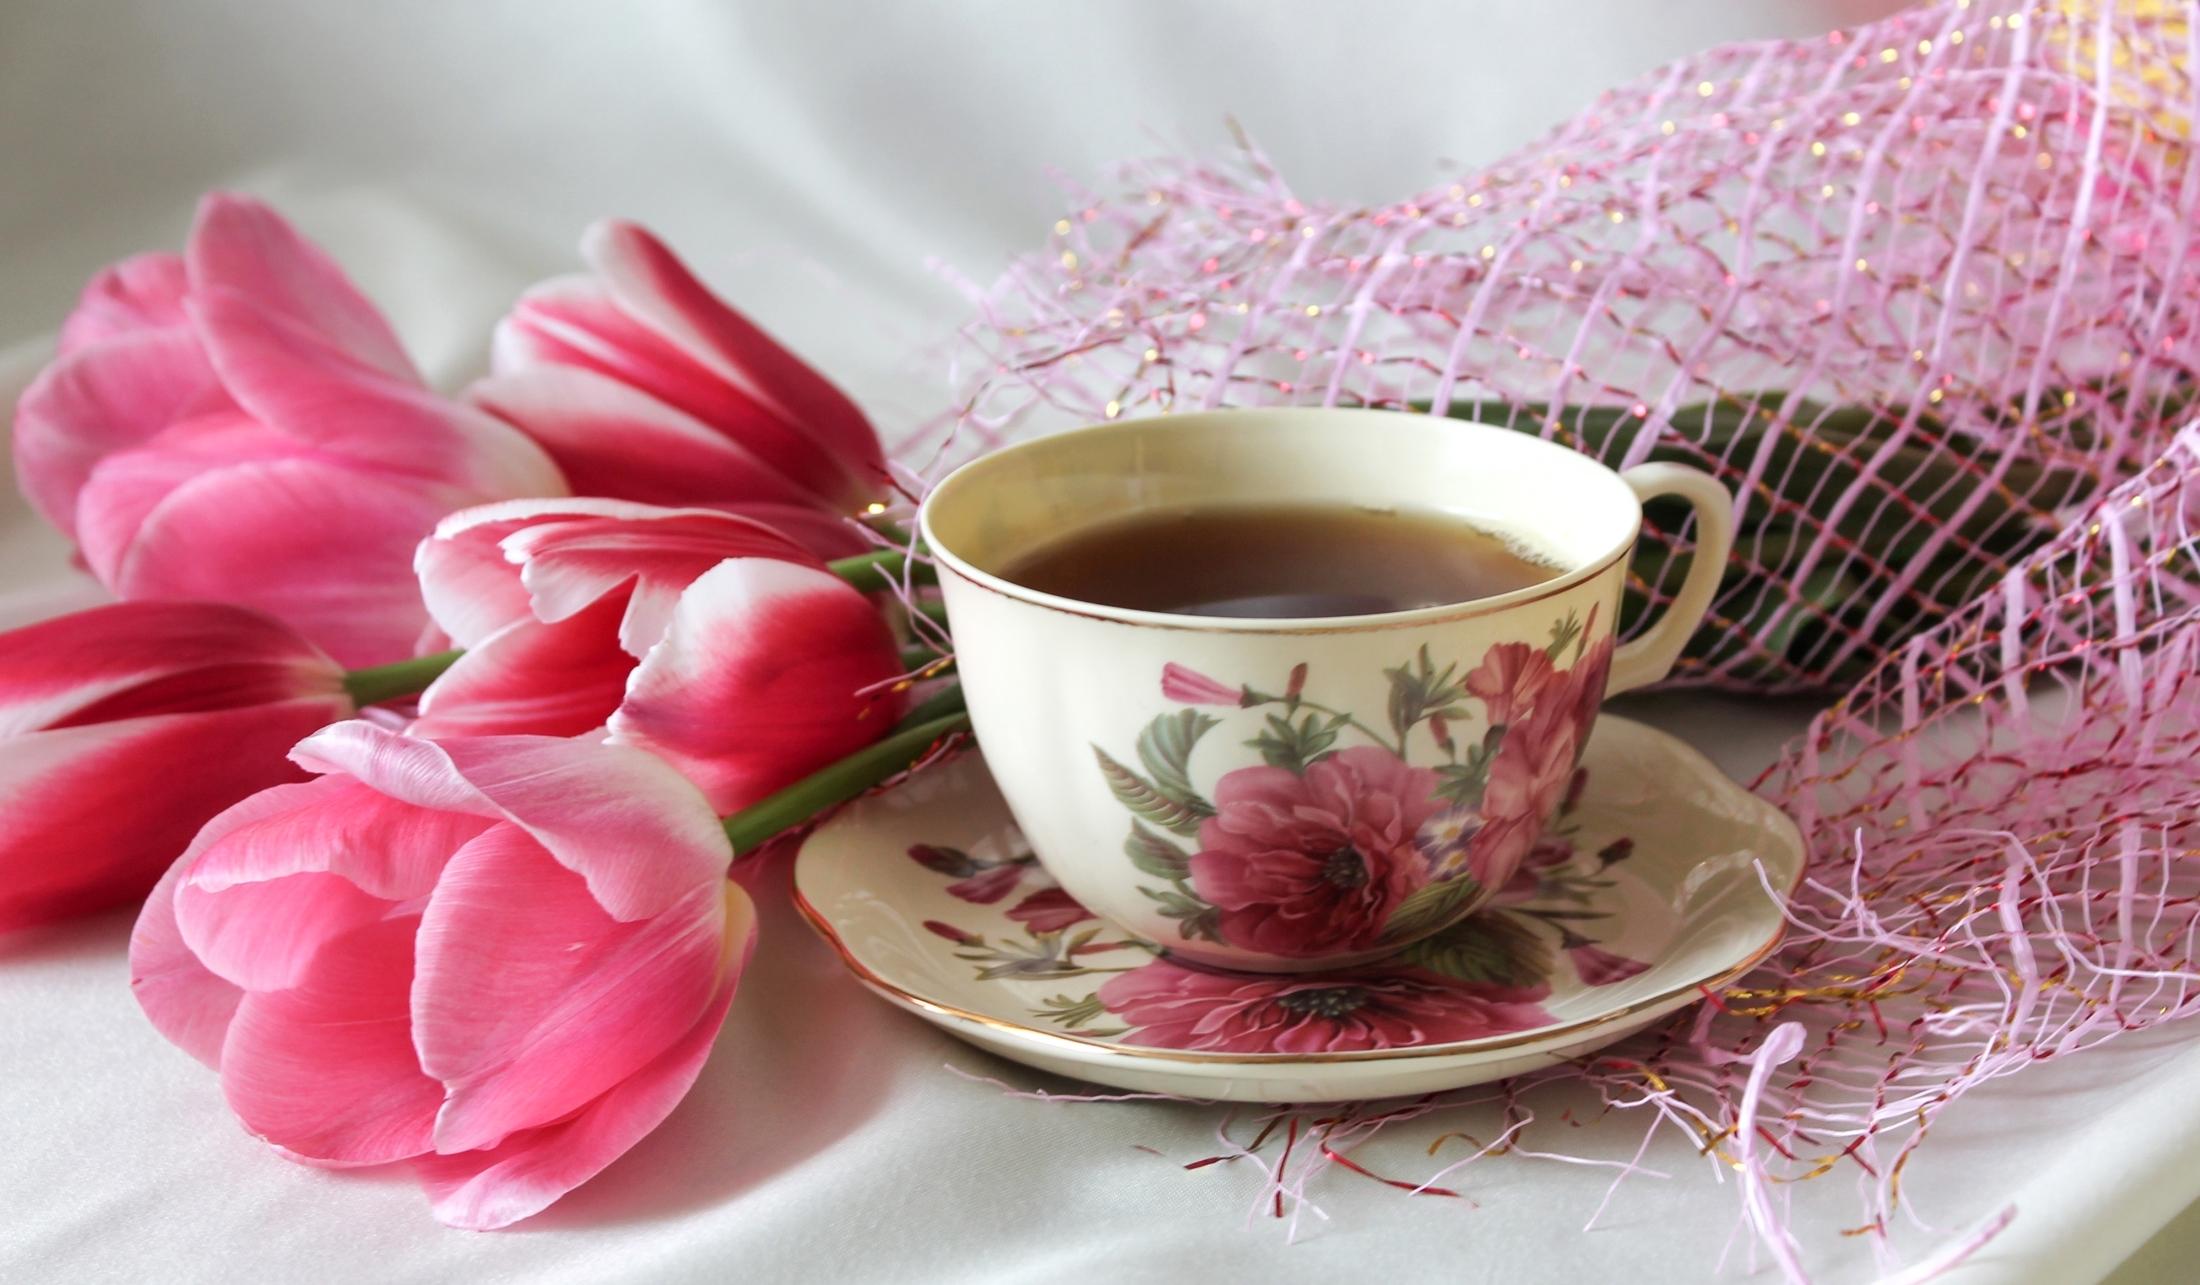 добычу мягкотелая открытка розовое утро фотографии, которые более